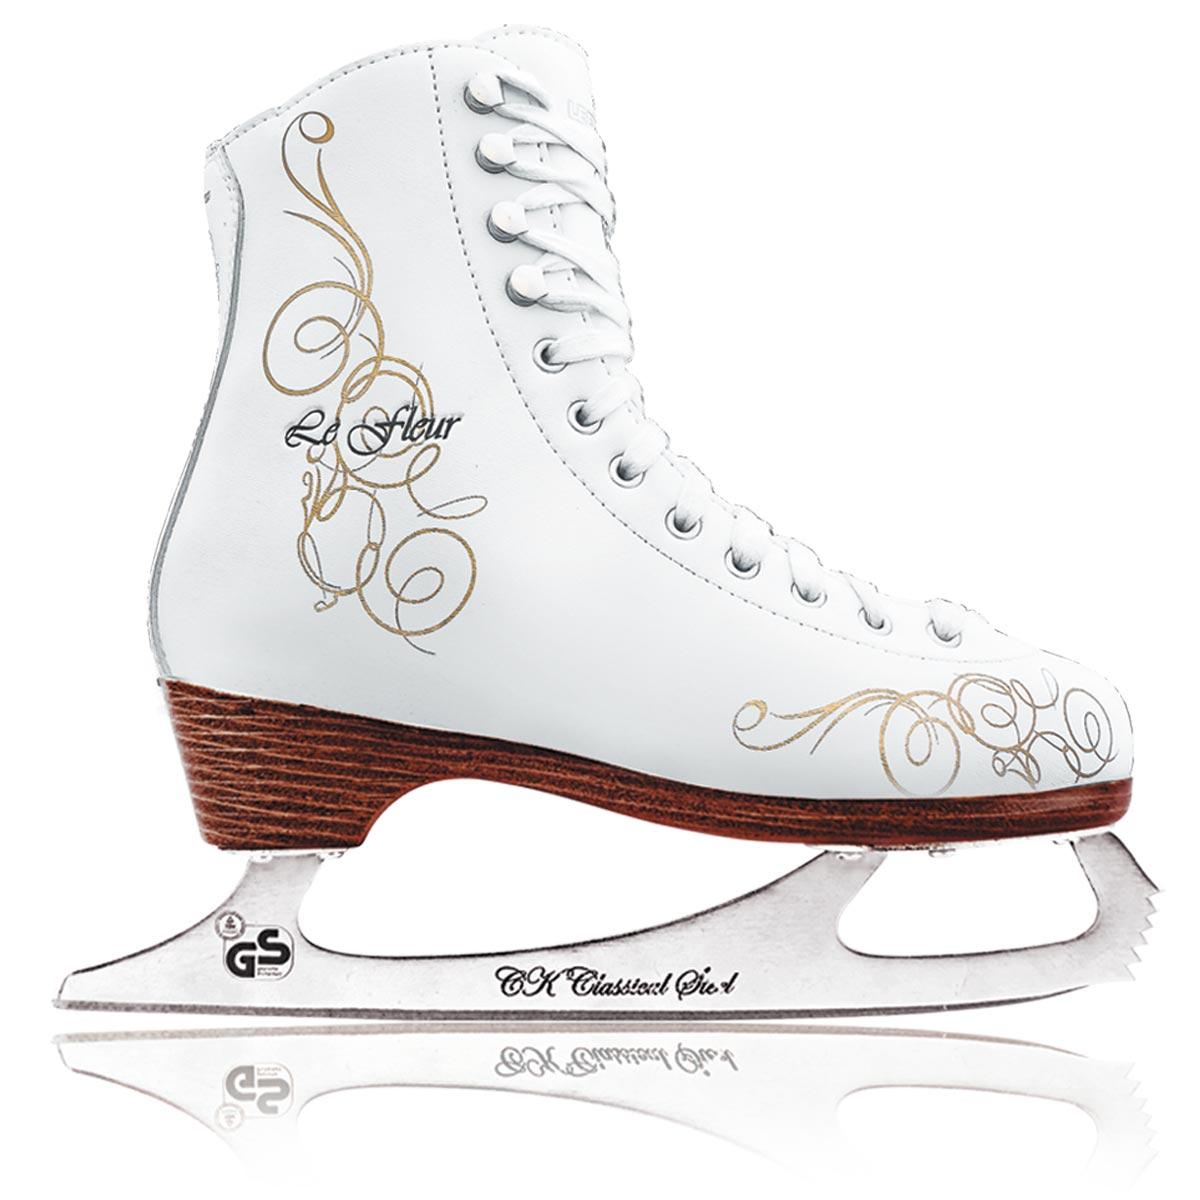 Коньки фигурные женские СК Le Fleur Leather 50/50, цвет: белый, золотой. Размер 38LE FLEUR leather 50/50_белый, золотой_38